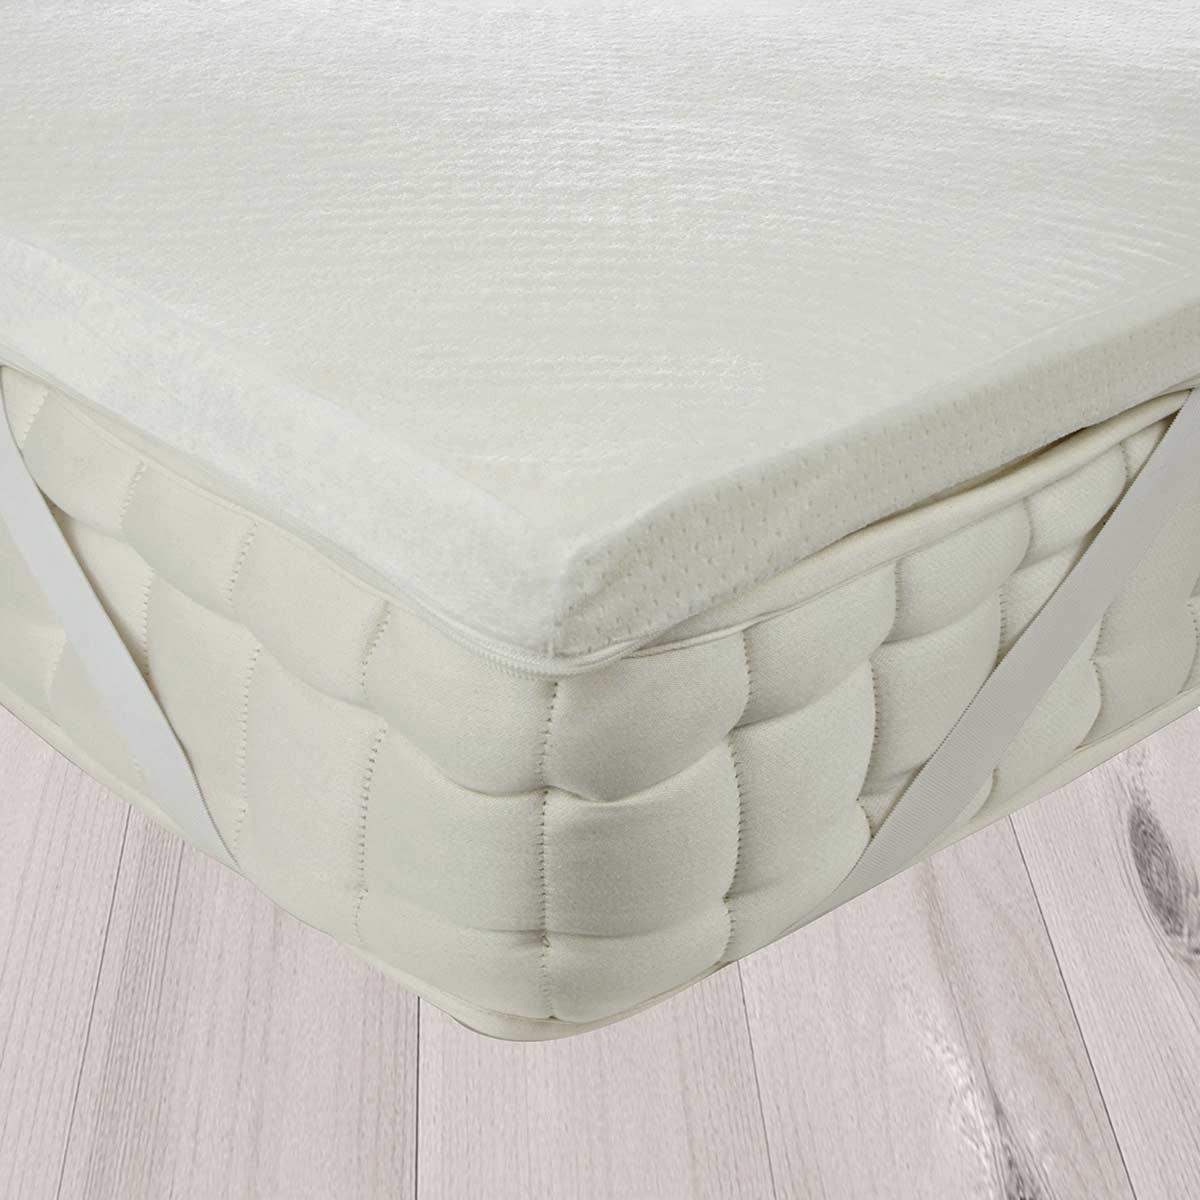 Ανώστρωμα Μονό Anna Riska Memory Foam home   κρεβατοκάμαρα   επιστρώματα   ανωστρώματα